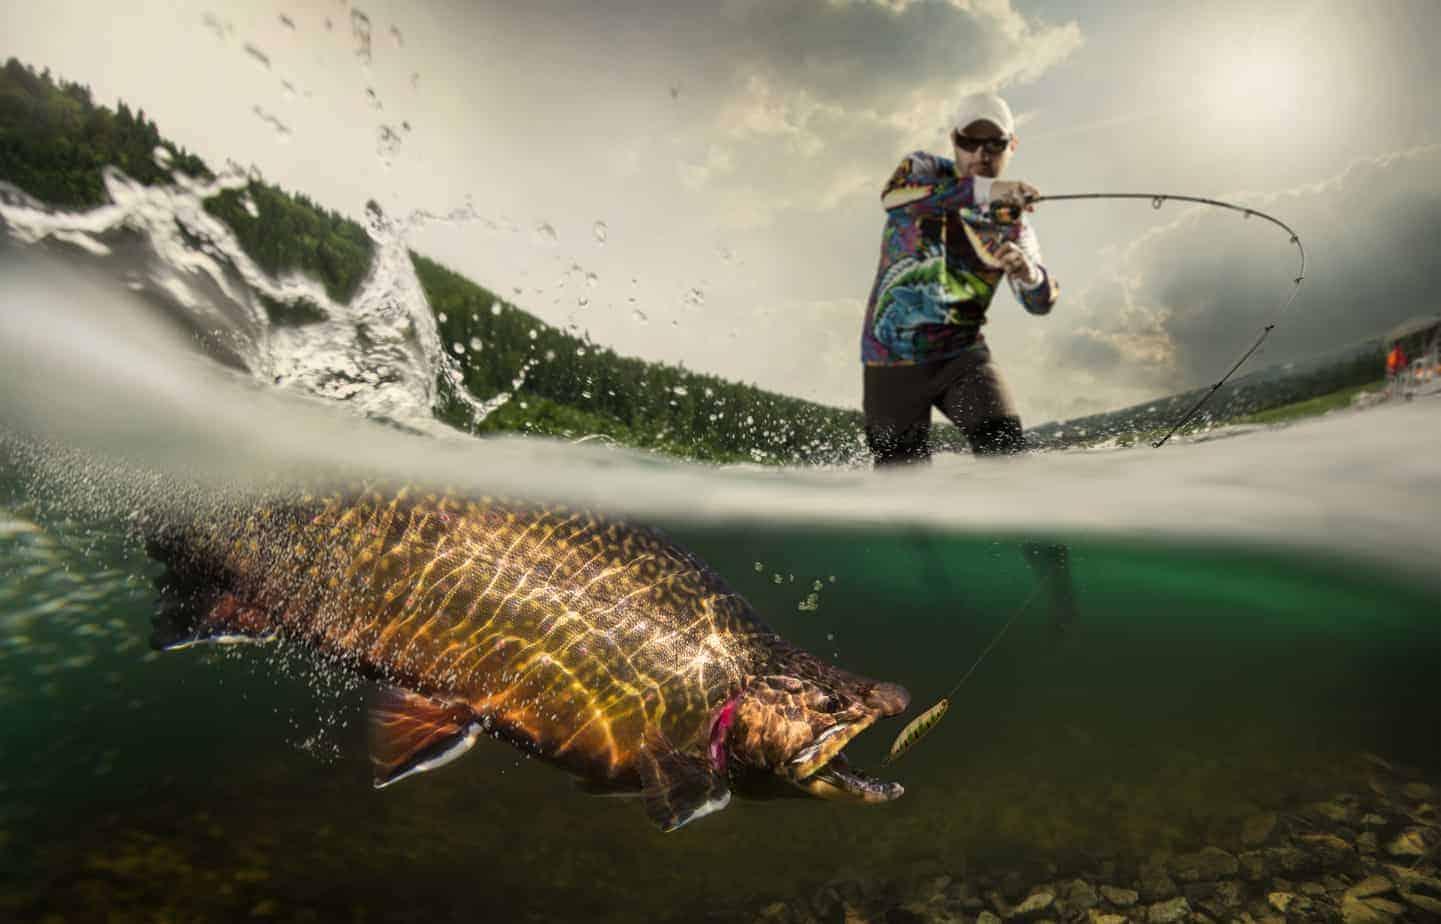 fisherman catching big fish underwater view